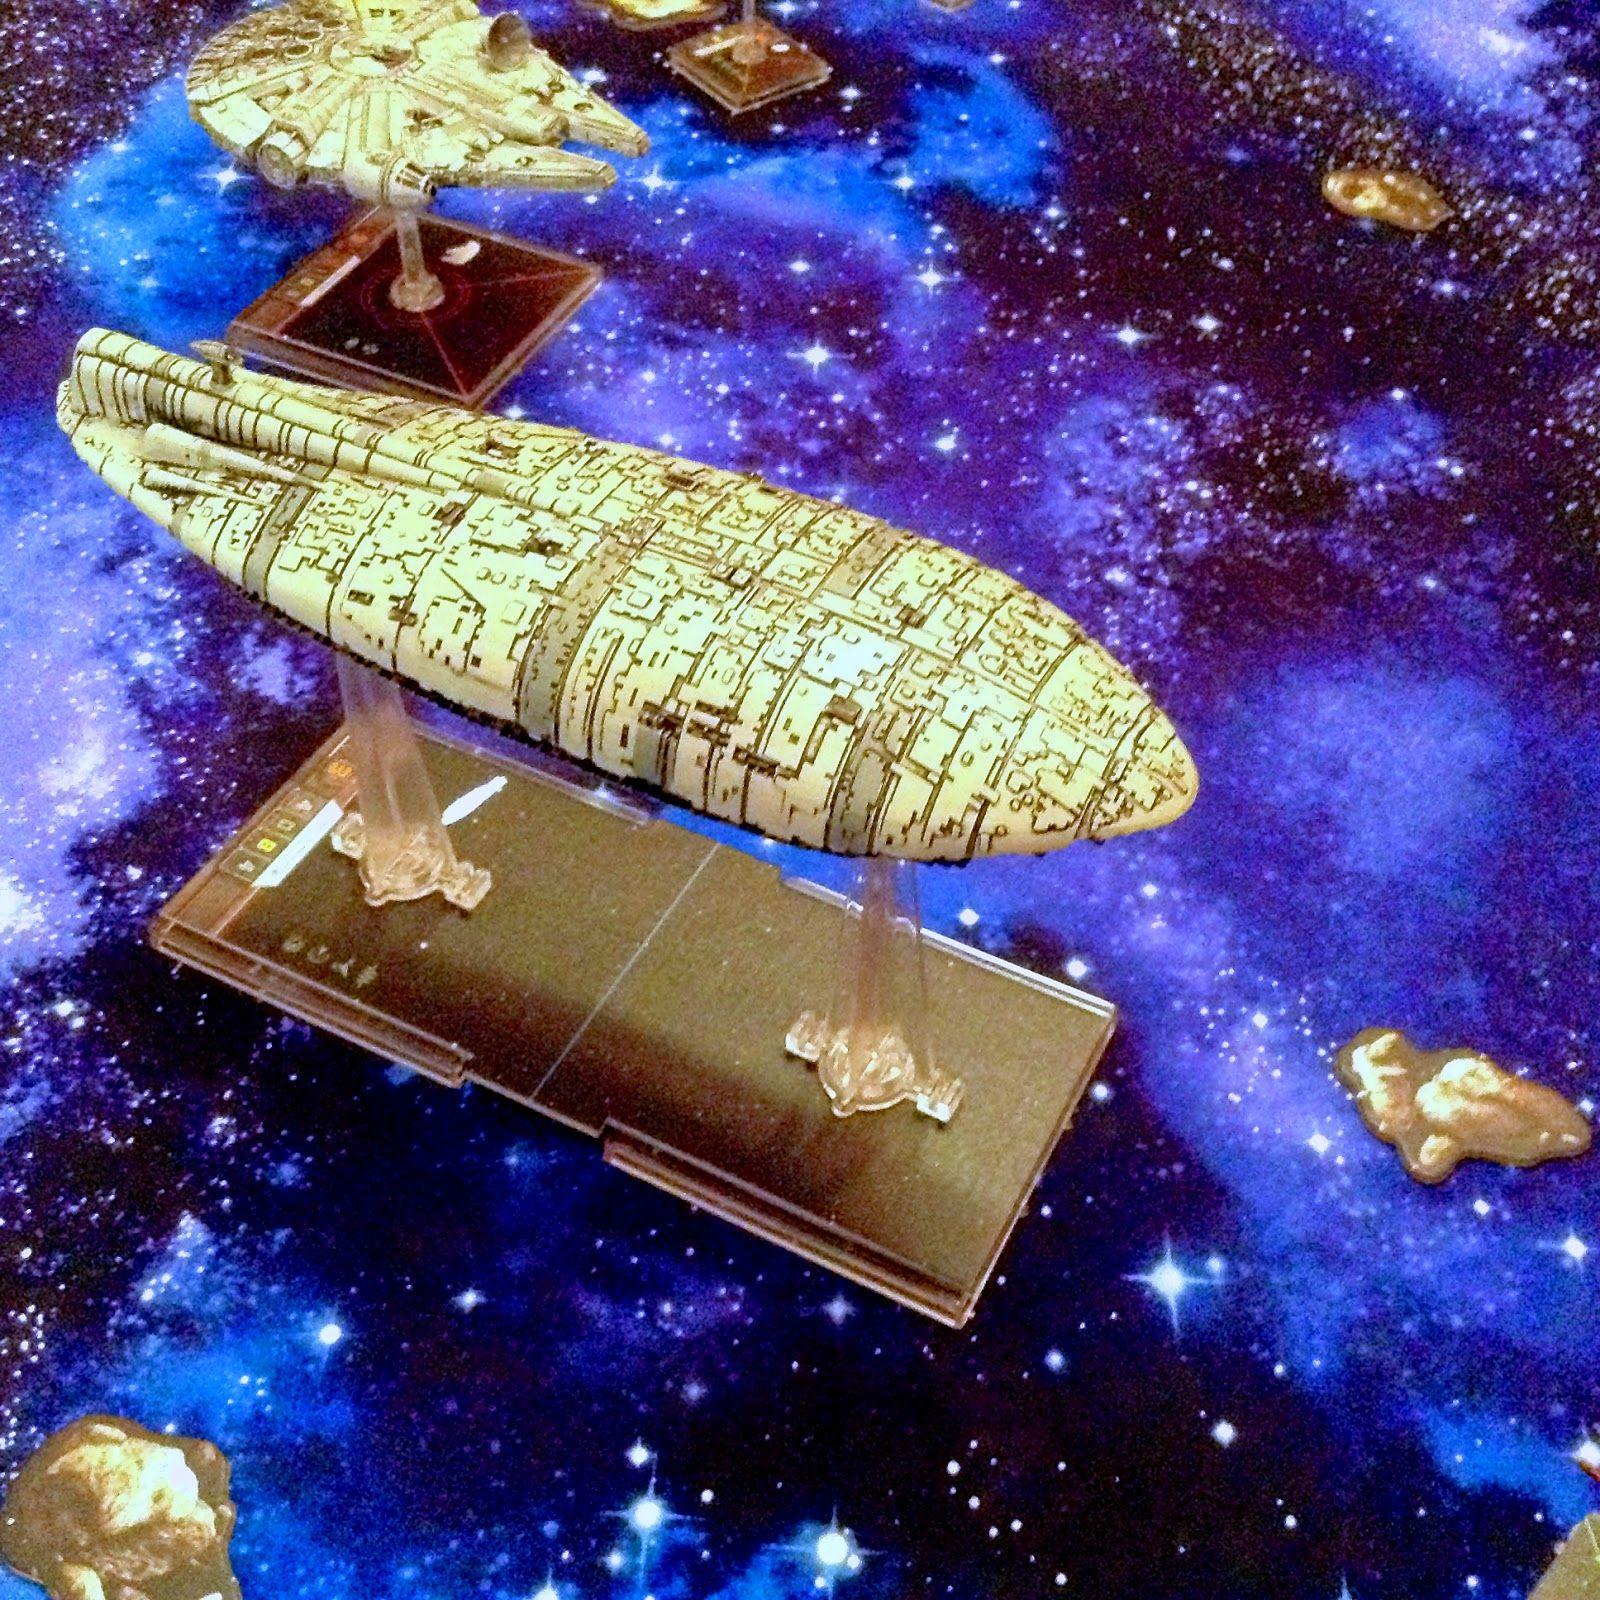 The Beaded Kusudama Diy Gaming Mat Tutorial Star Wars X Wing Miniatures X Wing Miniatures Miniatures Star Wars Games